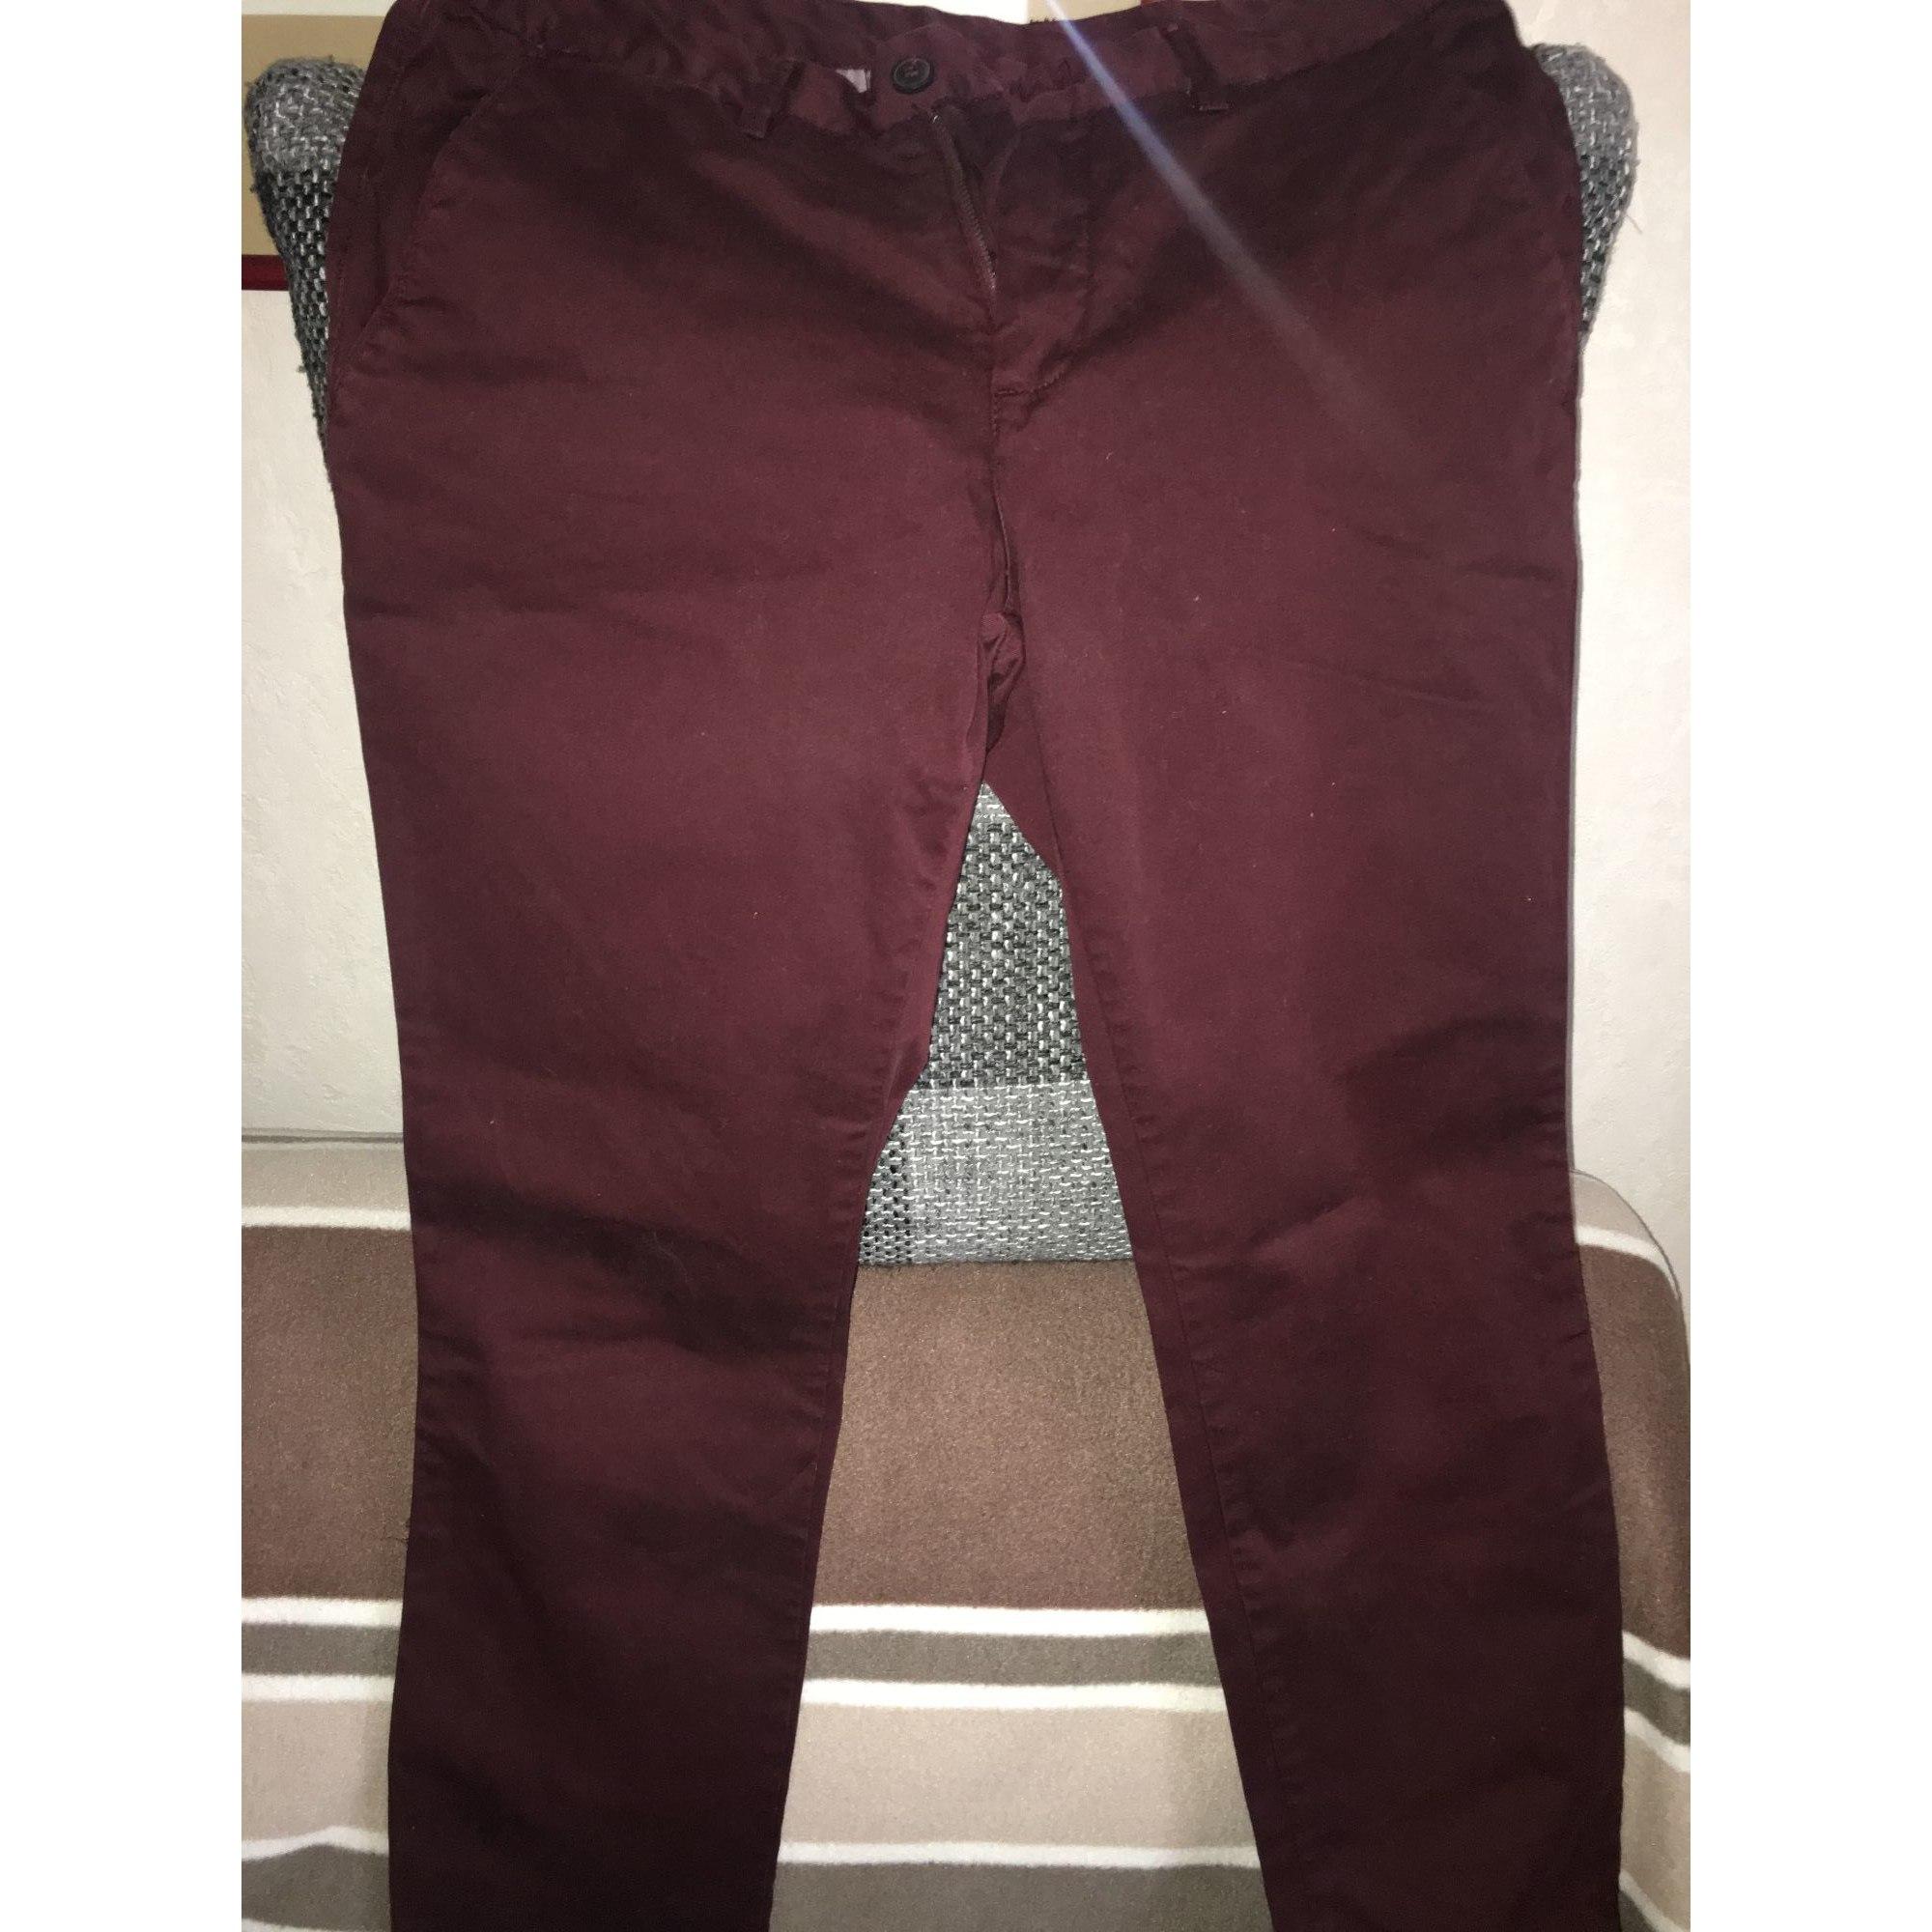 Jeans droit CELIO Rouge, bordeaux